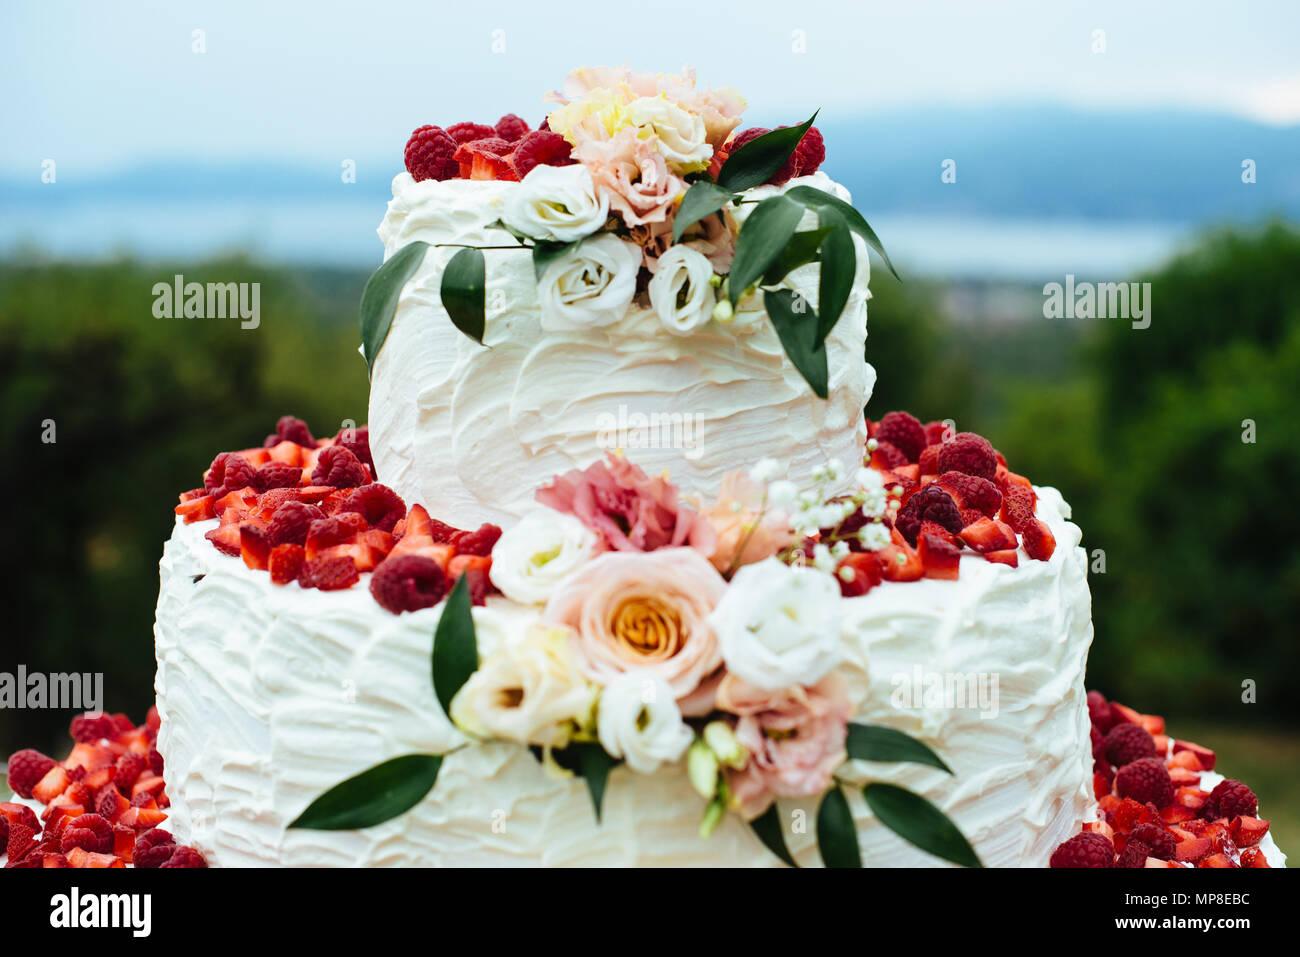 Sahne Und Erdbeeren Hochzeitstorte Draussen Im Garten Mit Blumen